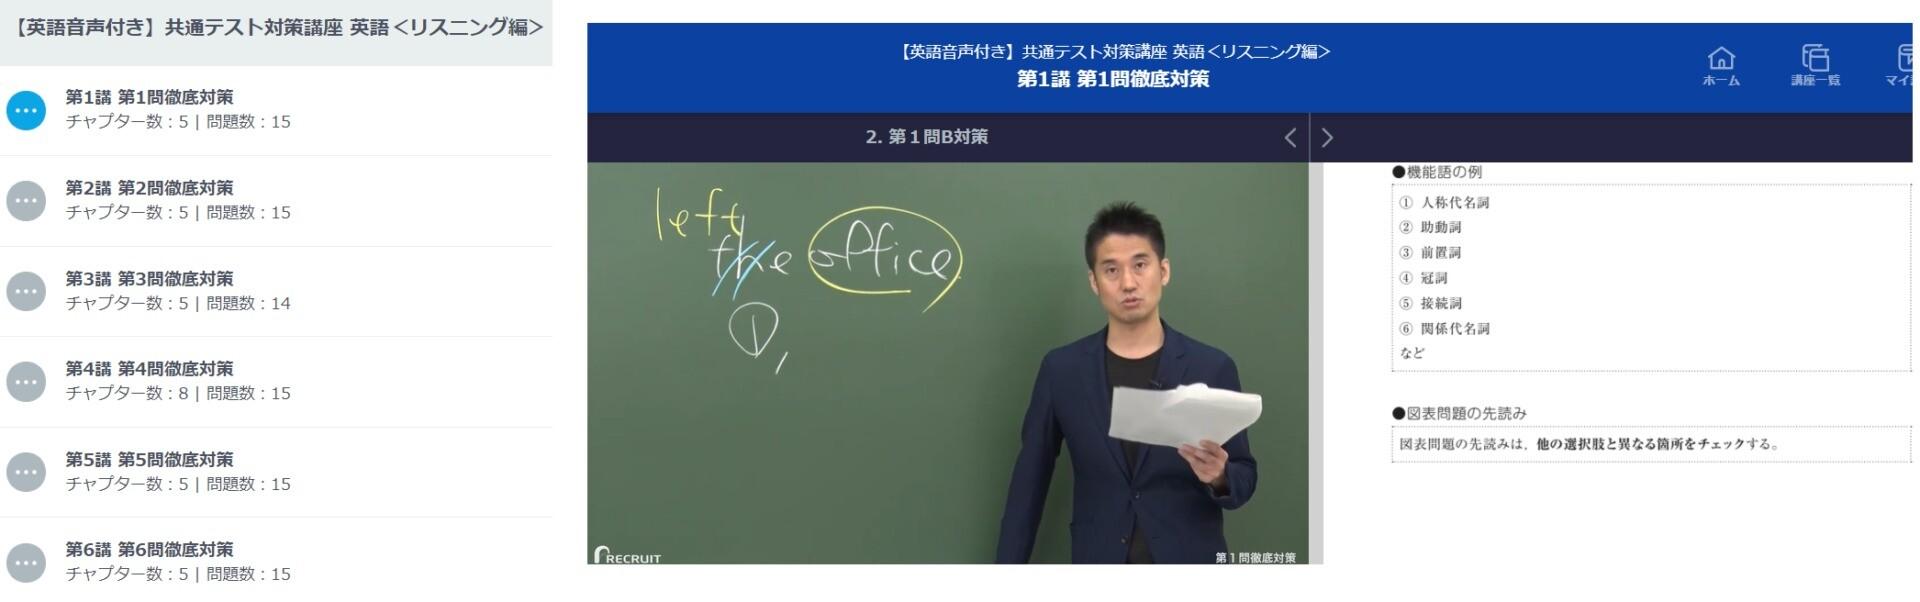 共通テスト対策講座英語リスニング編